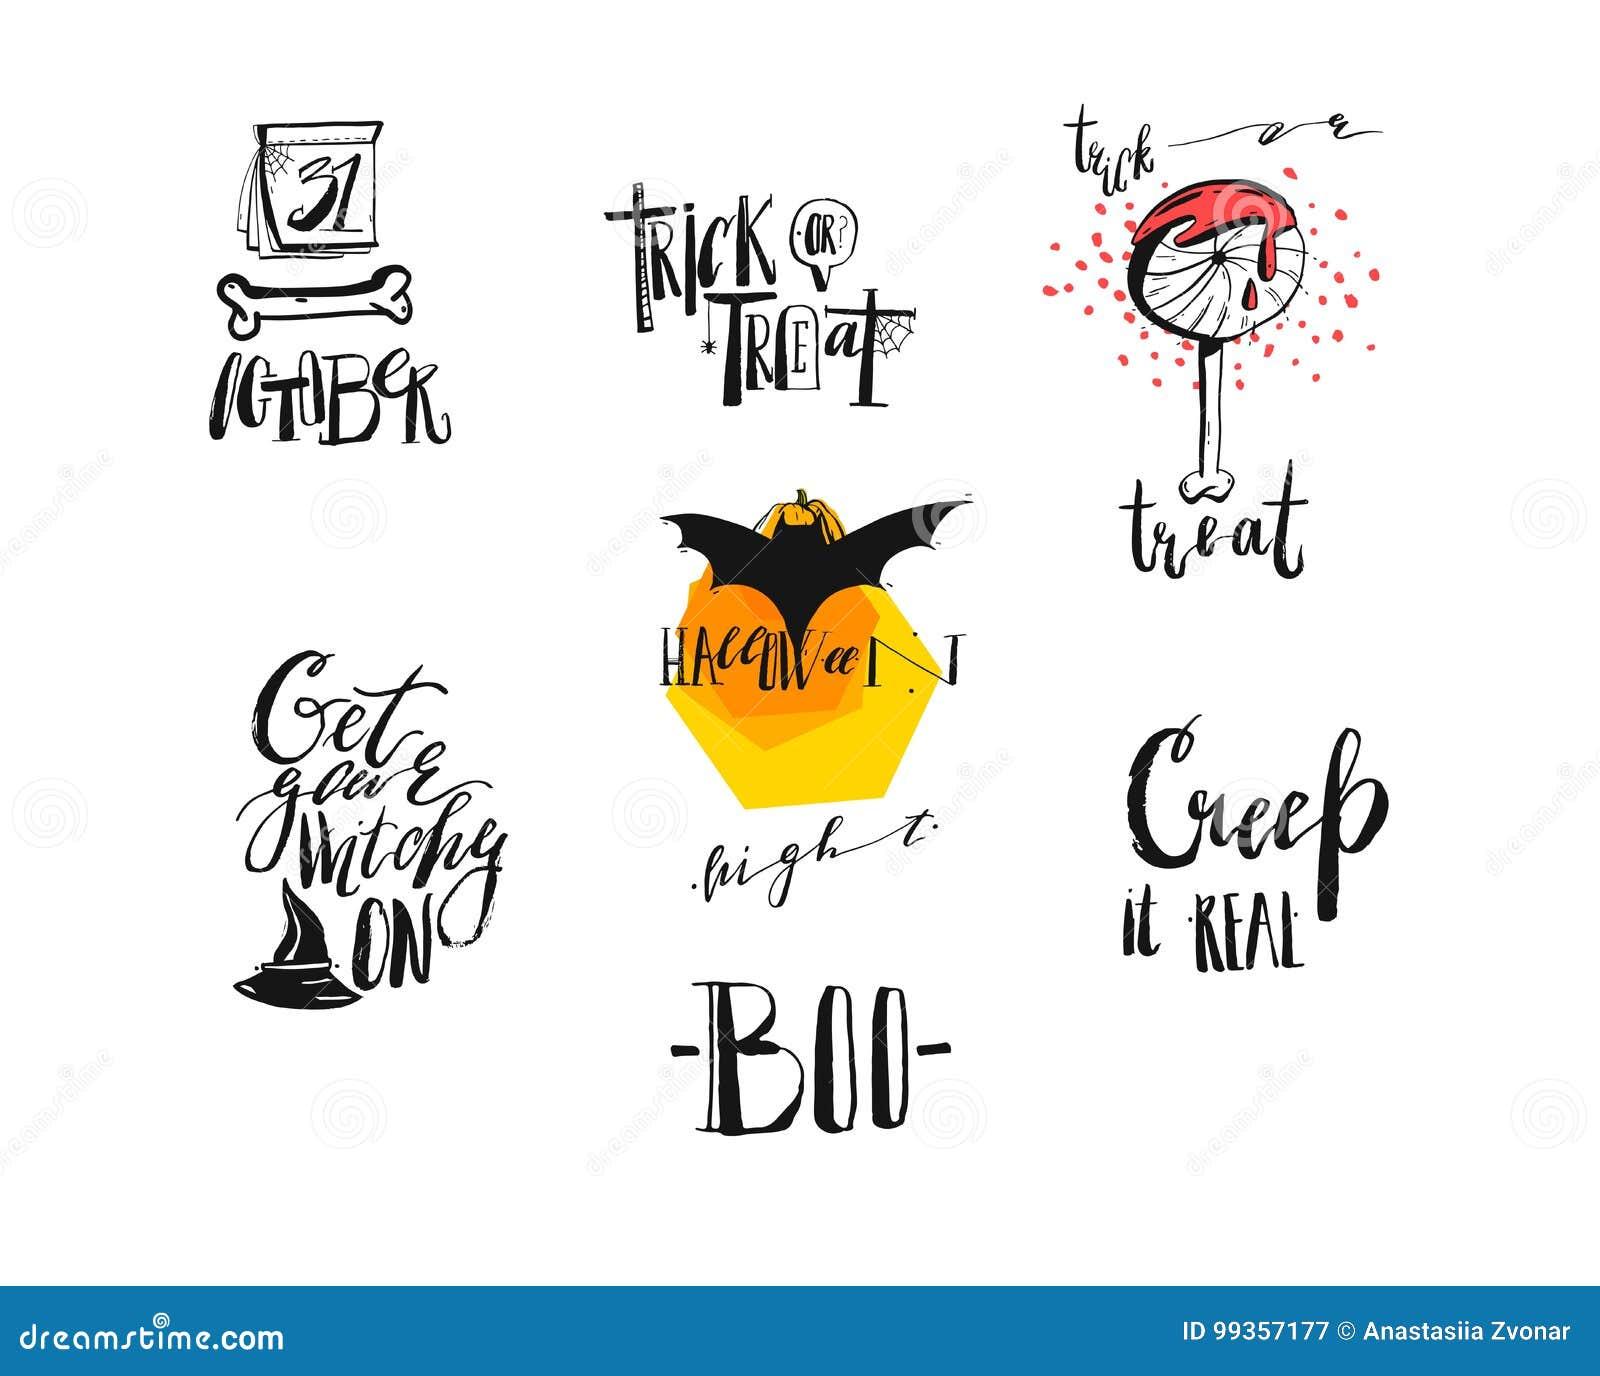 La caligrafía moderna manuscrita dibujada mano Halloween del extracto del vector cita, las muestras, logotipo, iconos, ejemplos,